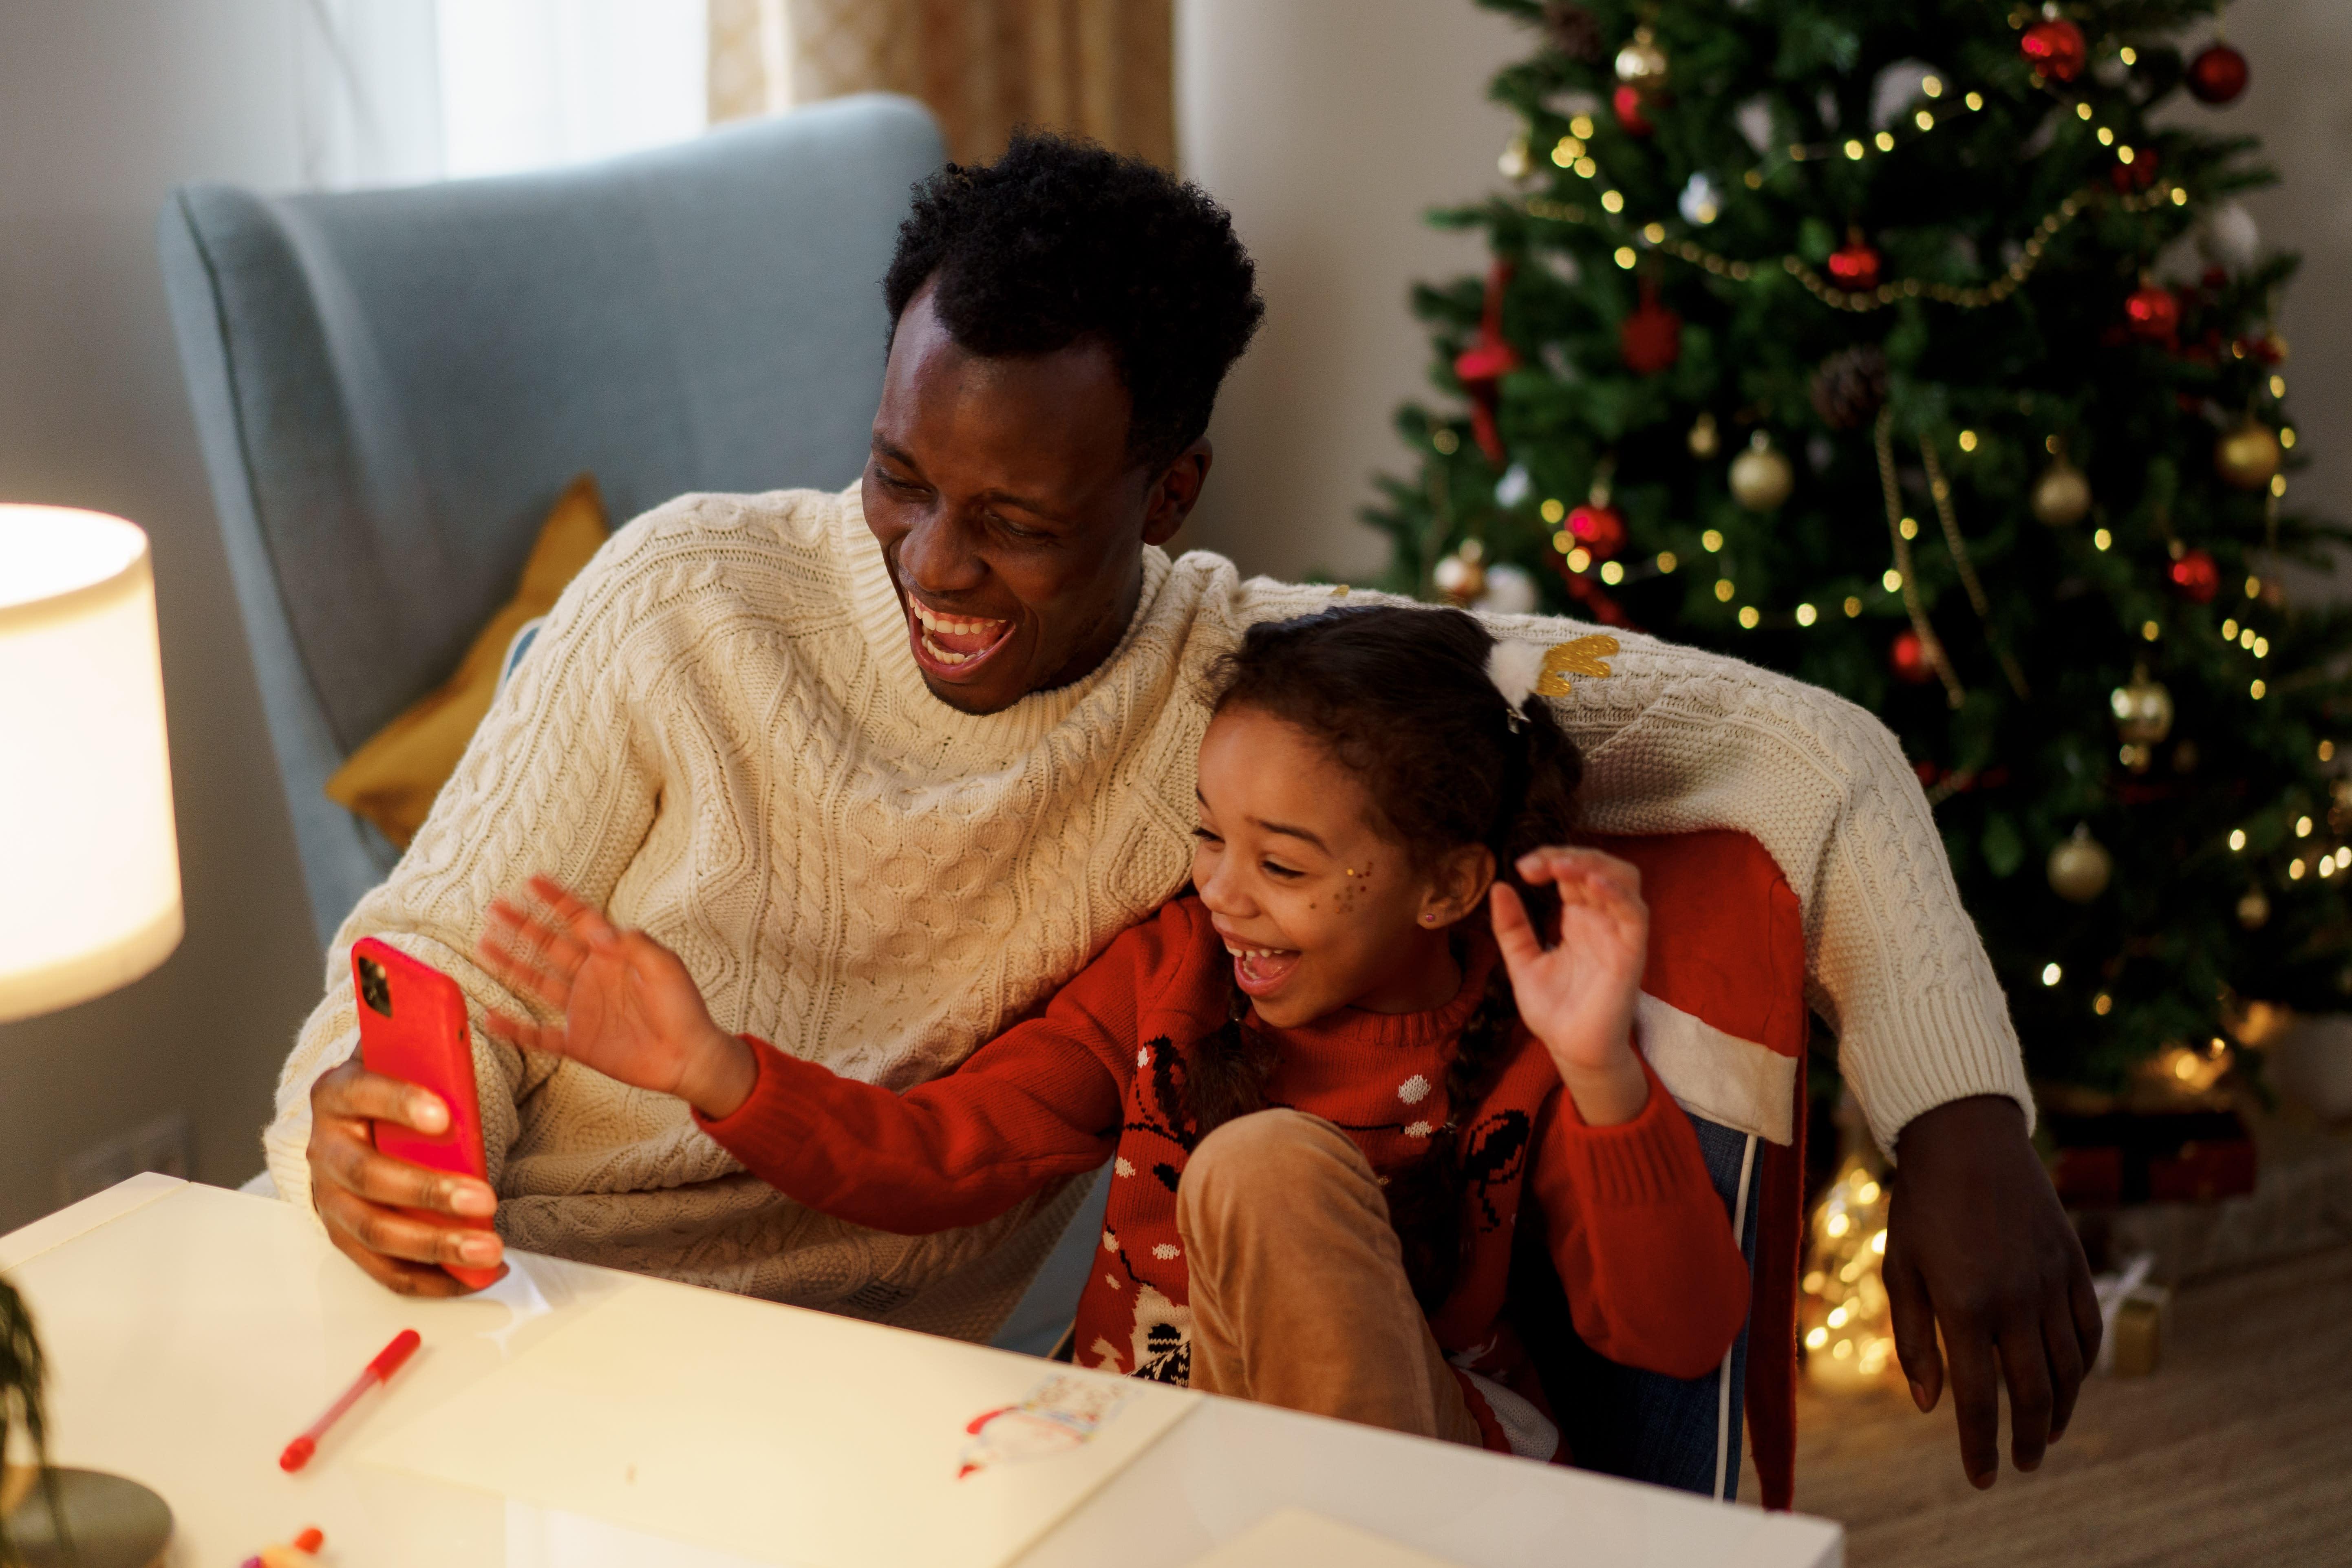 Vater und Tochter in Weihnachtspullovern schauen lachend aufs Smartphone